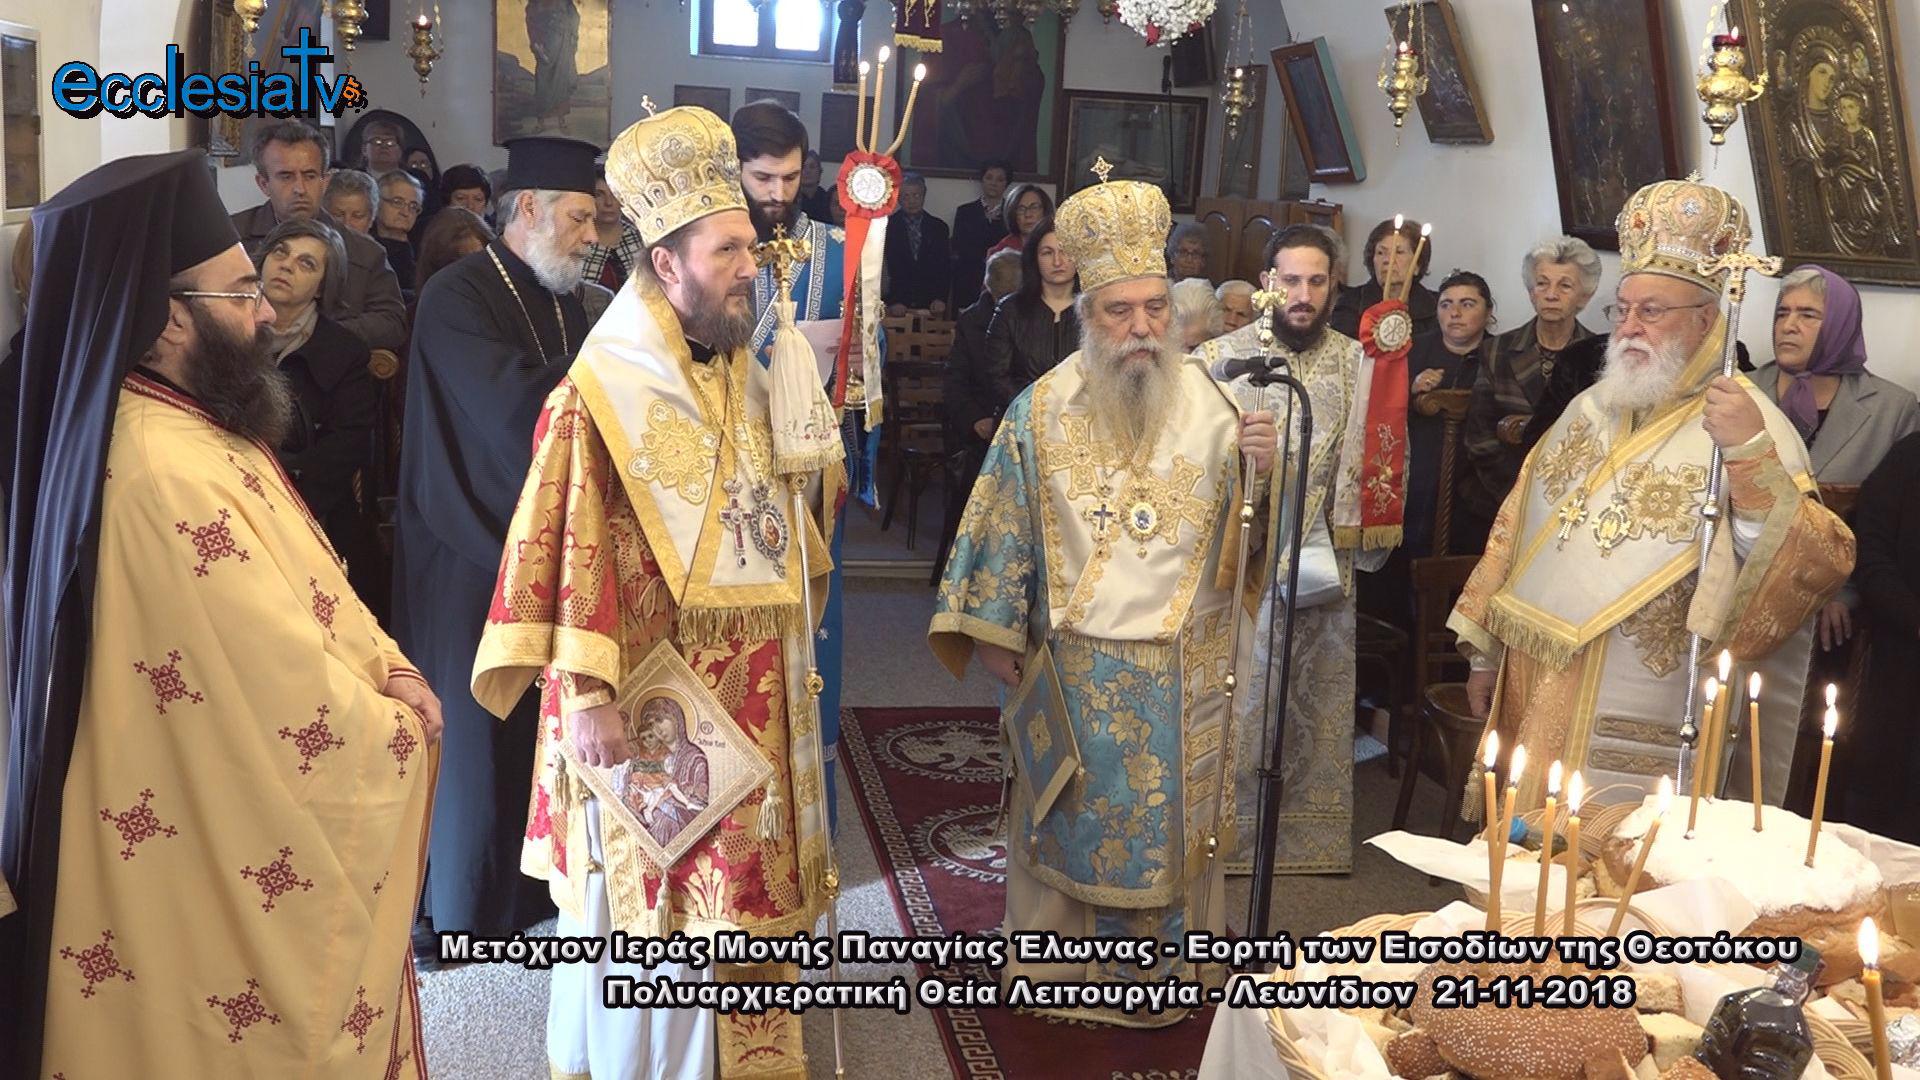 Μετόχιον Ιεράς Μονής Παναγίας Έλωνας - Εορτή των Εισοδίων της Θεοτόκου Πολυαρχιερατική Θεία Λειτουργία - Λεωνίδιον